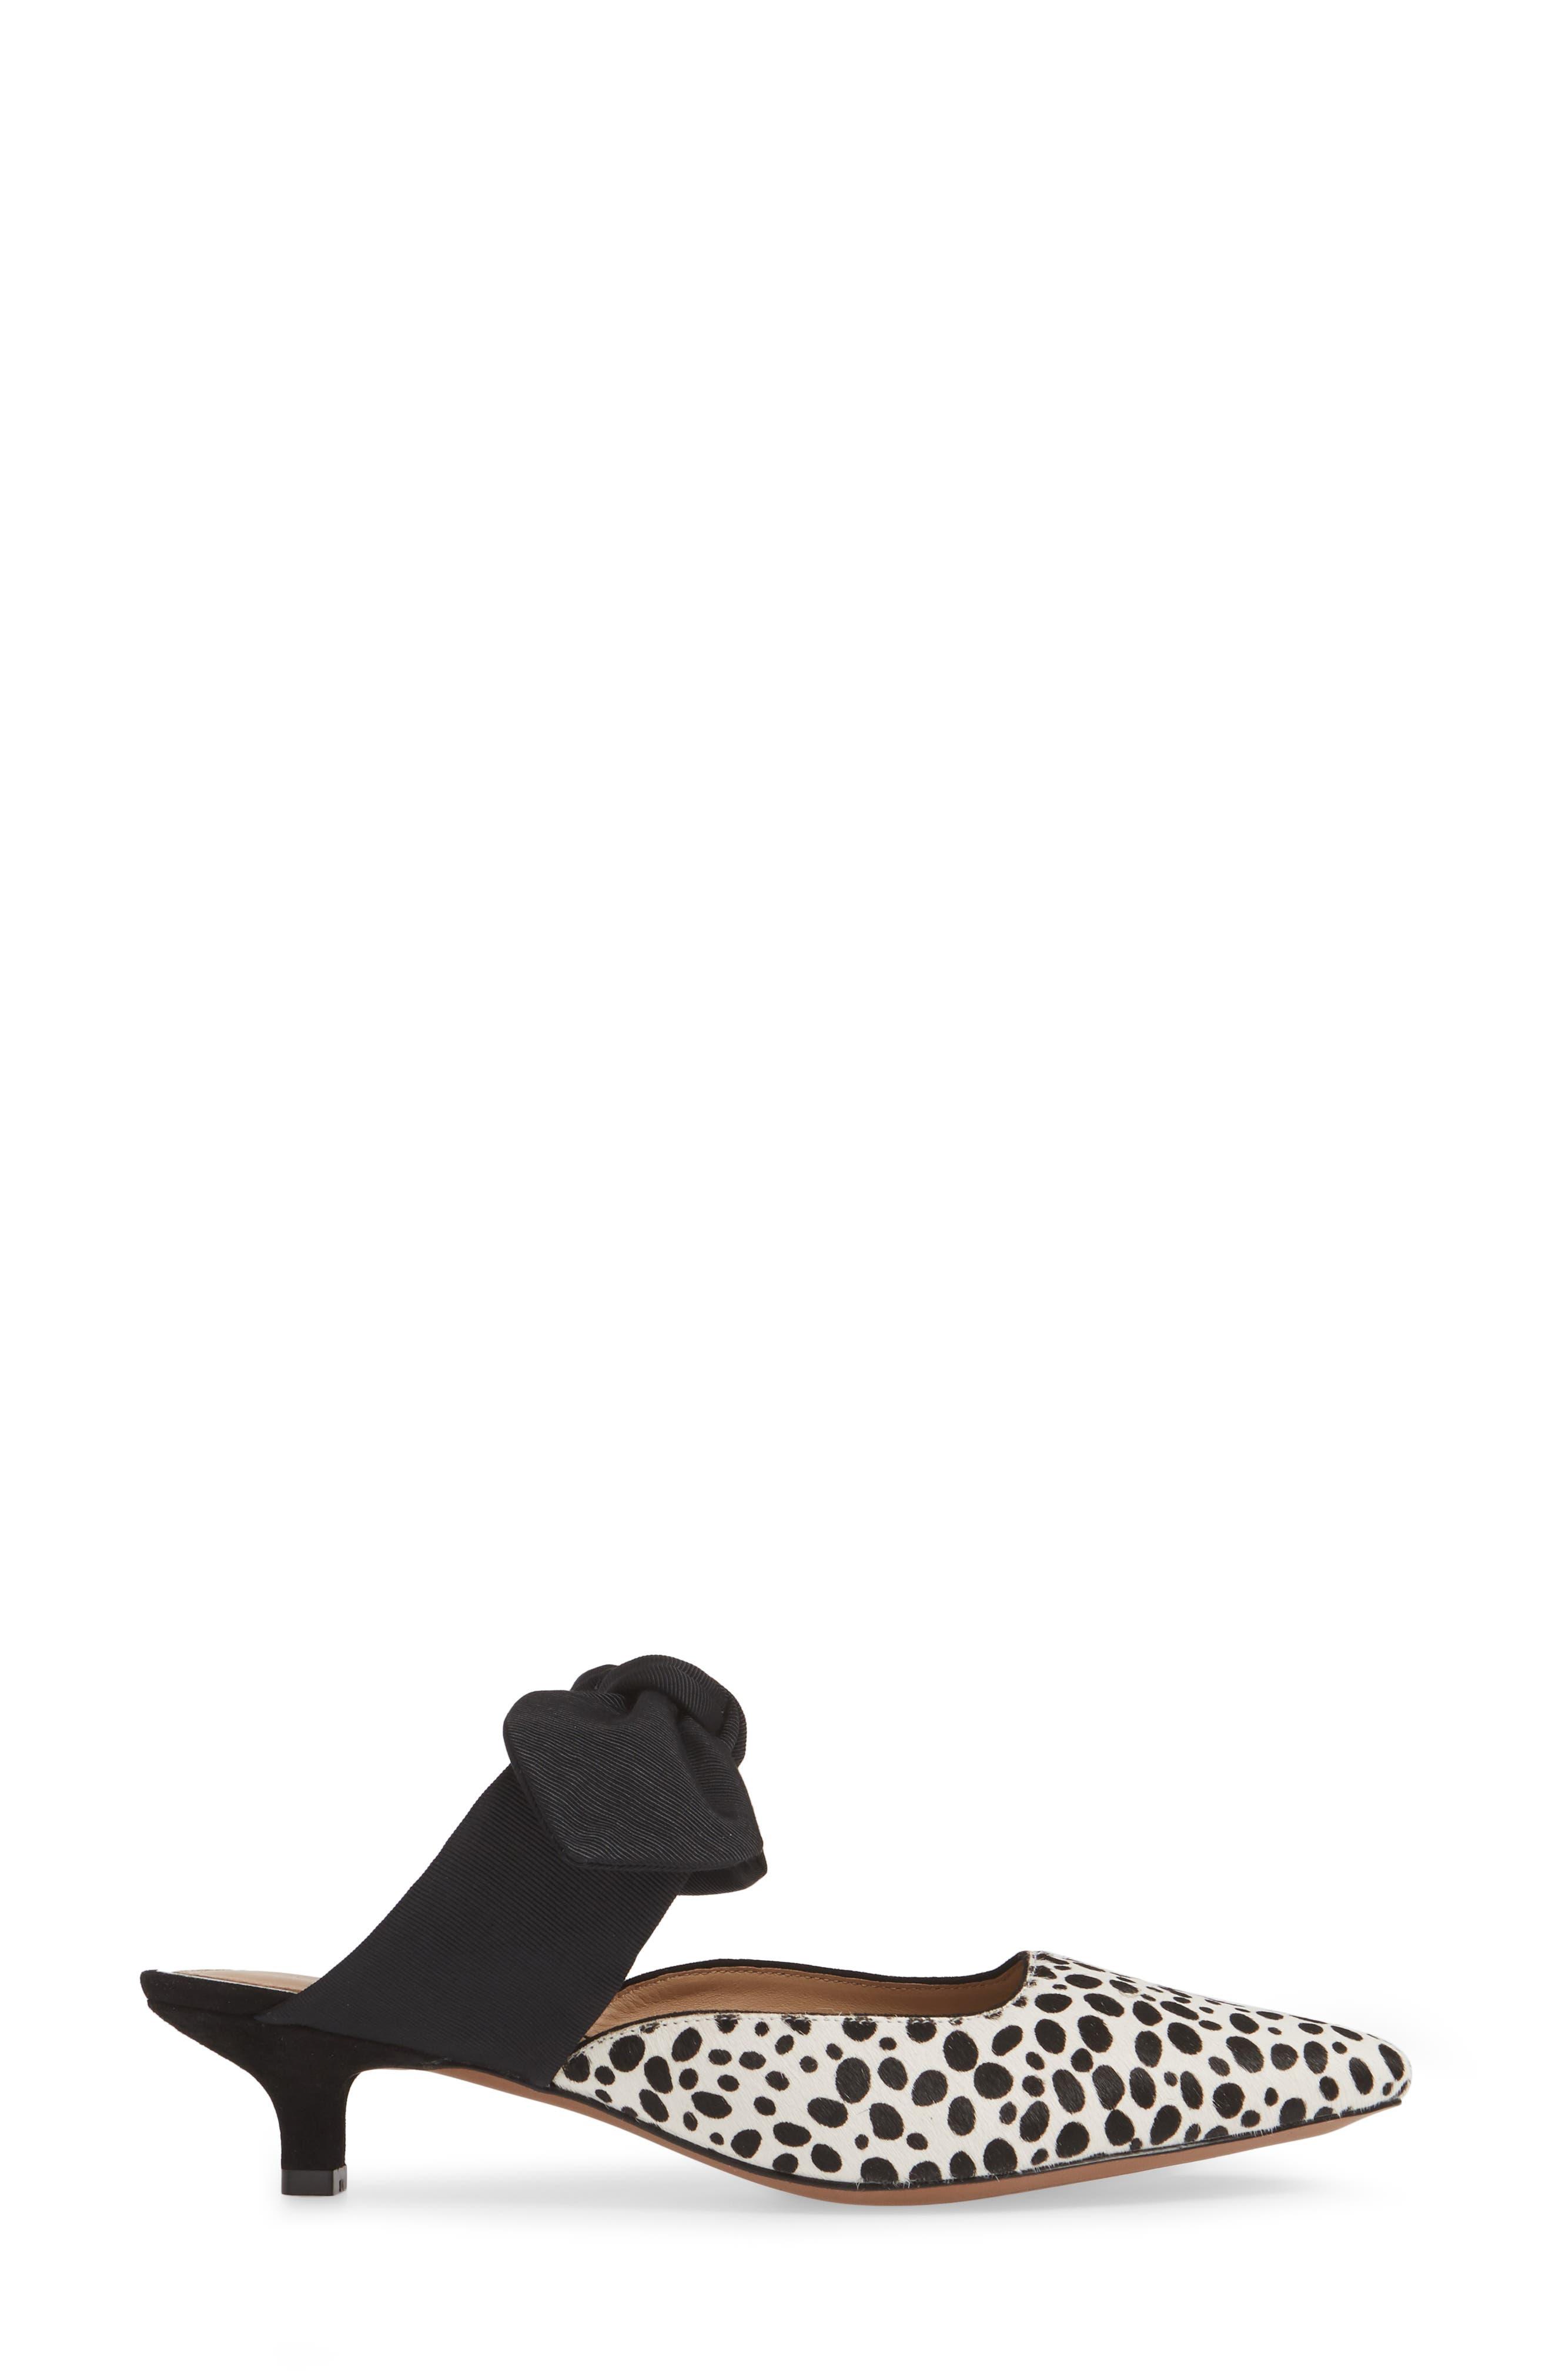 LINEA PAOLO, Crissy II Genuine Calf Hair Pump, Alternate thumbnail 3, color, WHITE/ BLACK CALF HAIR